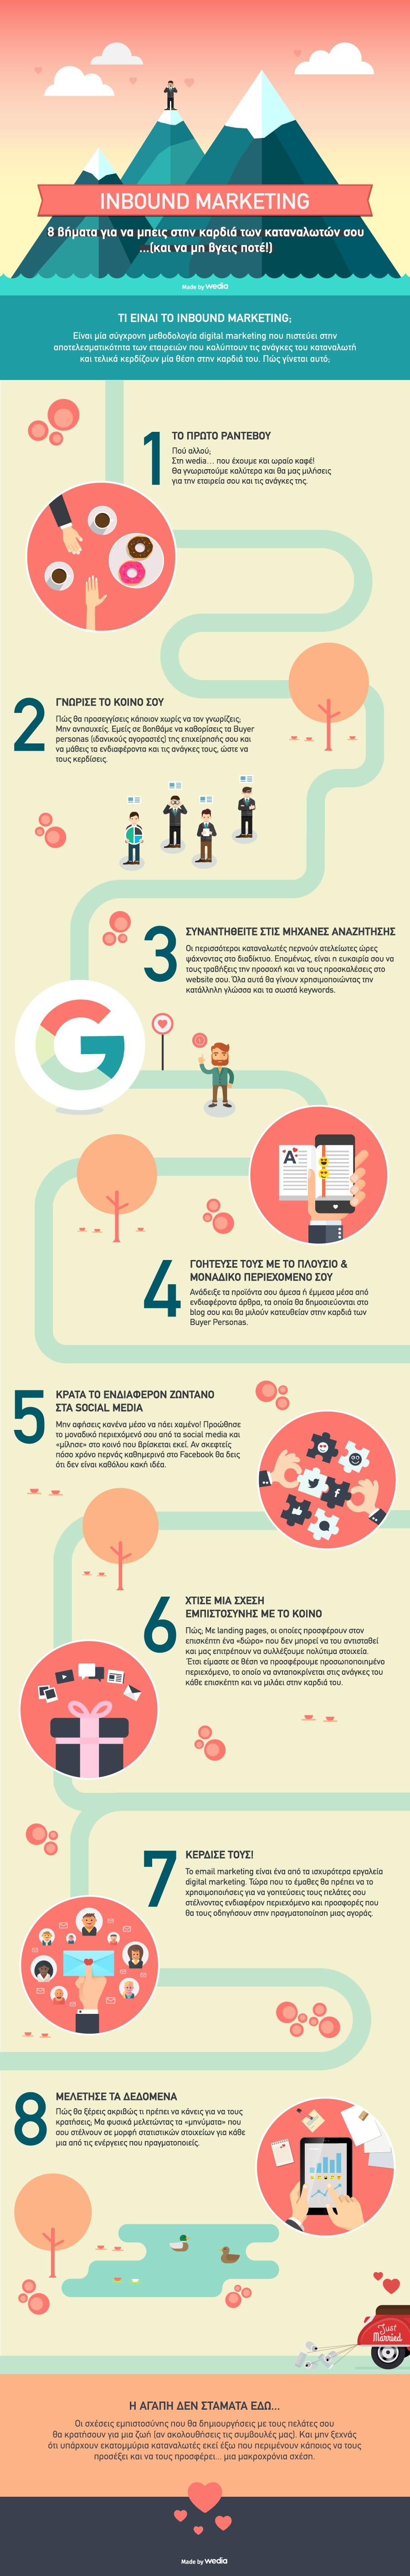 wedia infographic inbound marketing